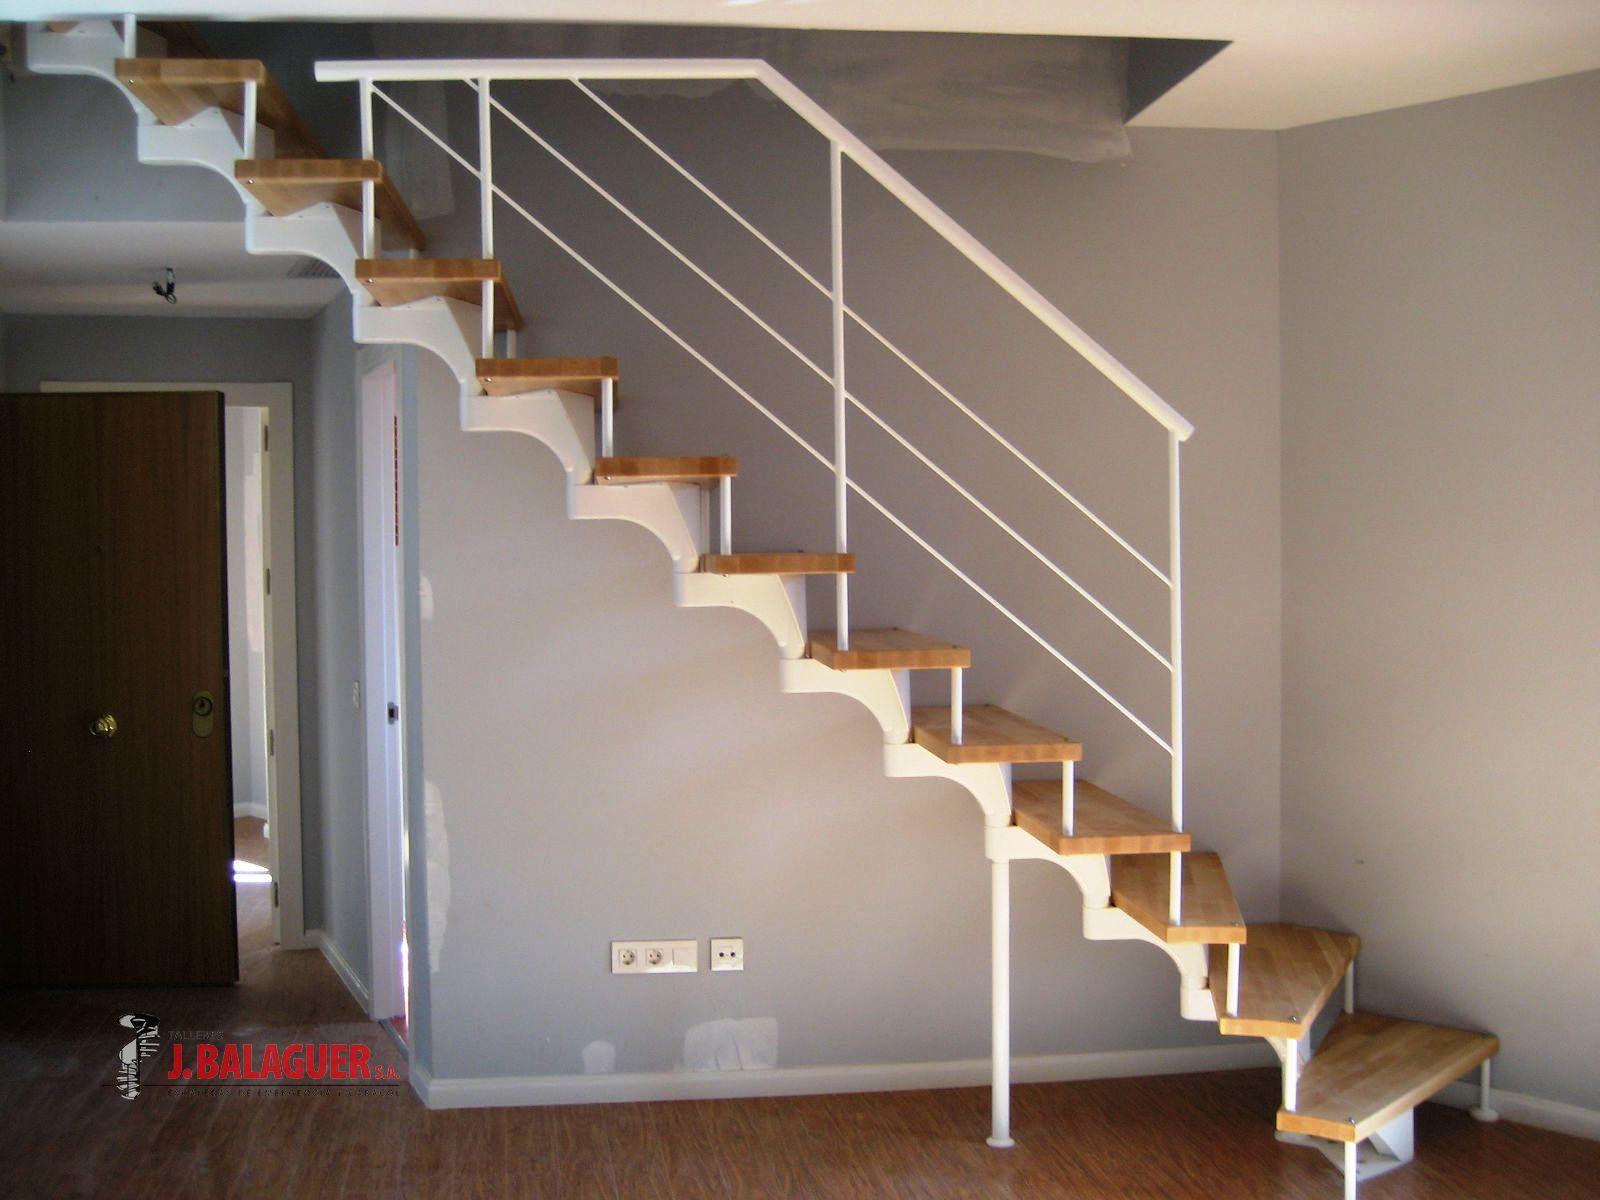 Escaliers habitare modular escaleras balaguer - Escaleras balaguer ...